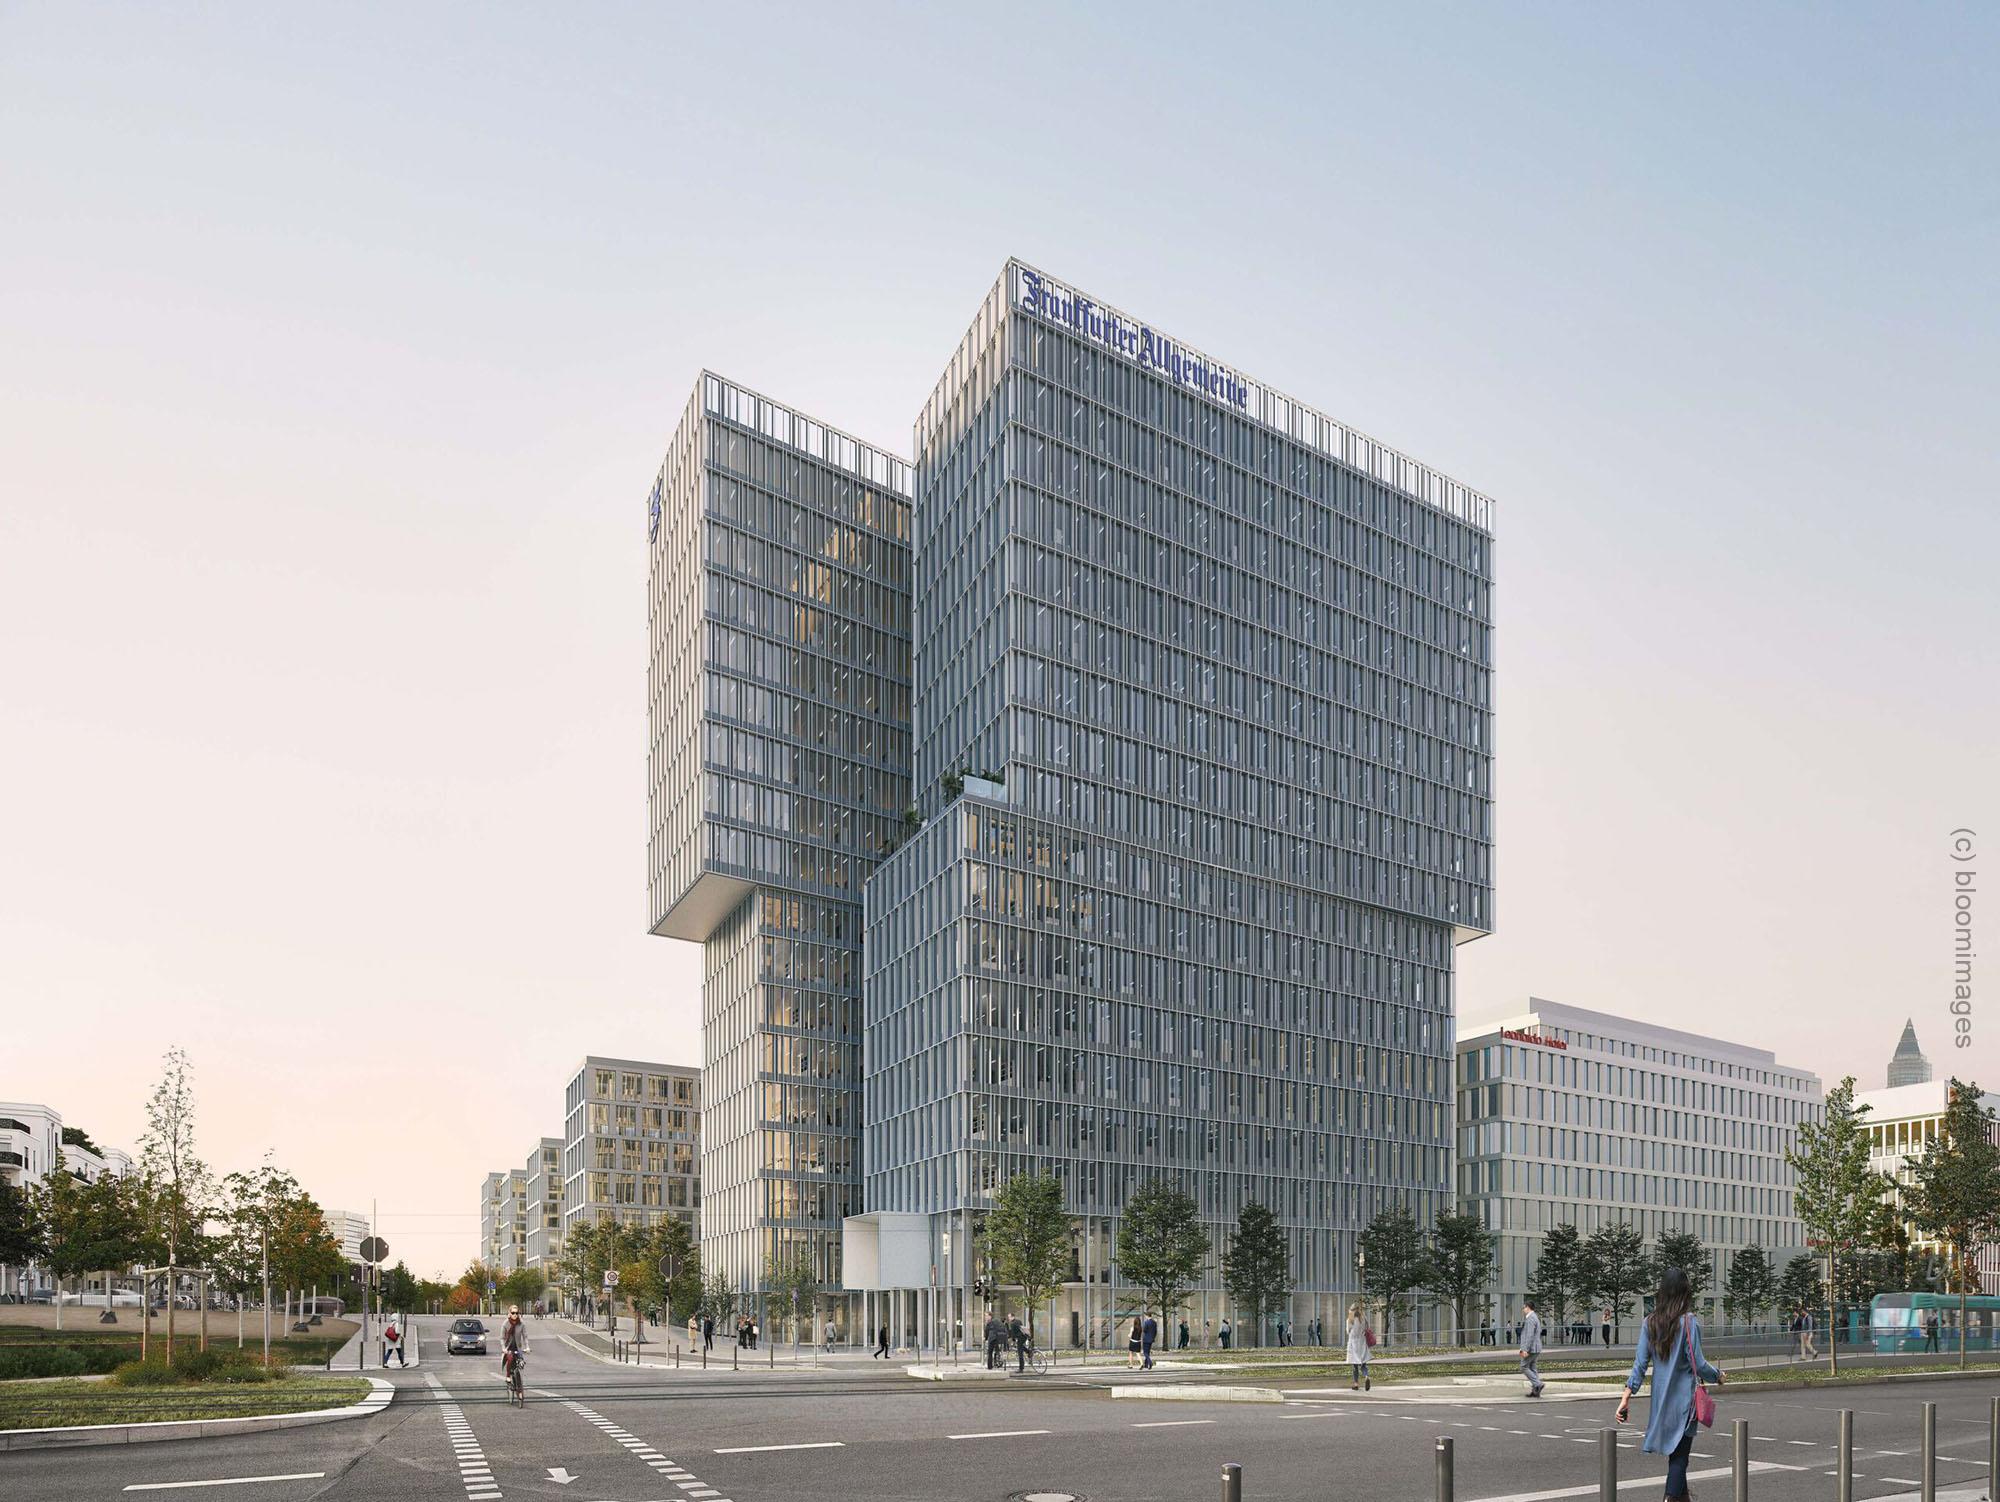 Europaallee Frankfurt - neue Hochhaus Eckperspektive - Geplanter Büroturm im Europaviertel der FAZ Zeitung